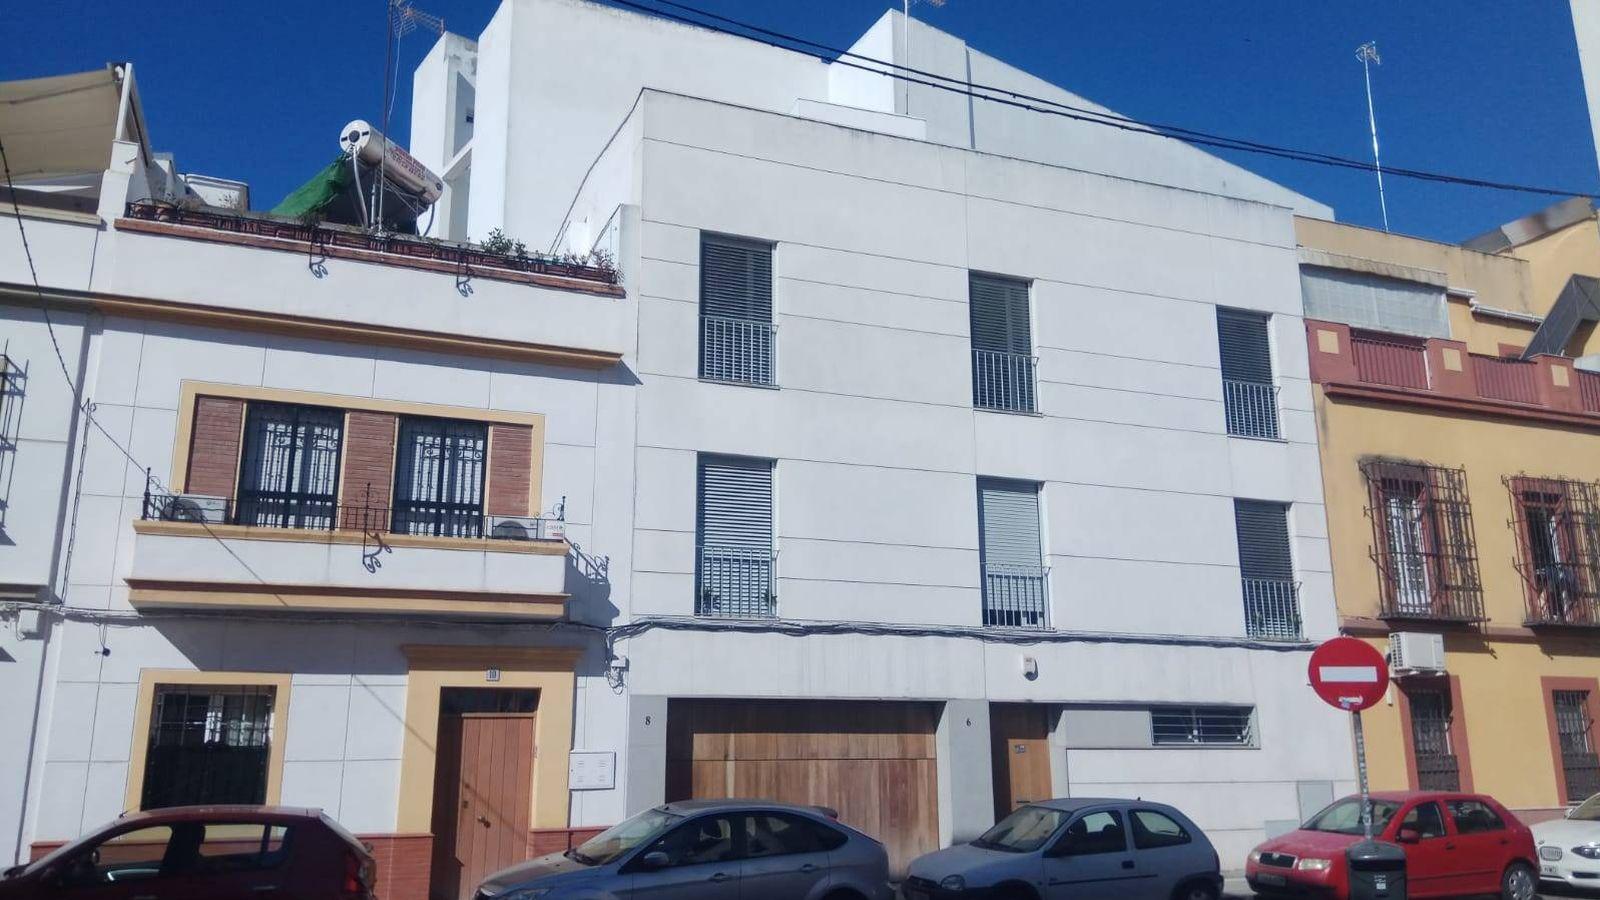 Foto: Centro de inmigrantes en la zona de la Macarena en Sevilla. (EC)